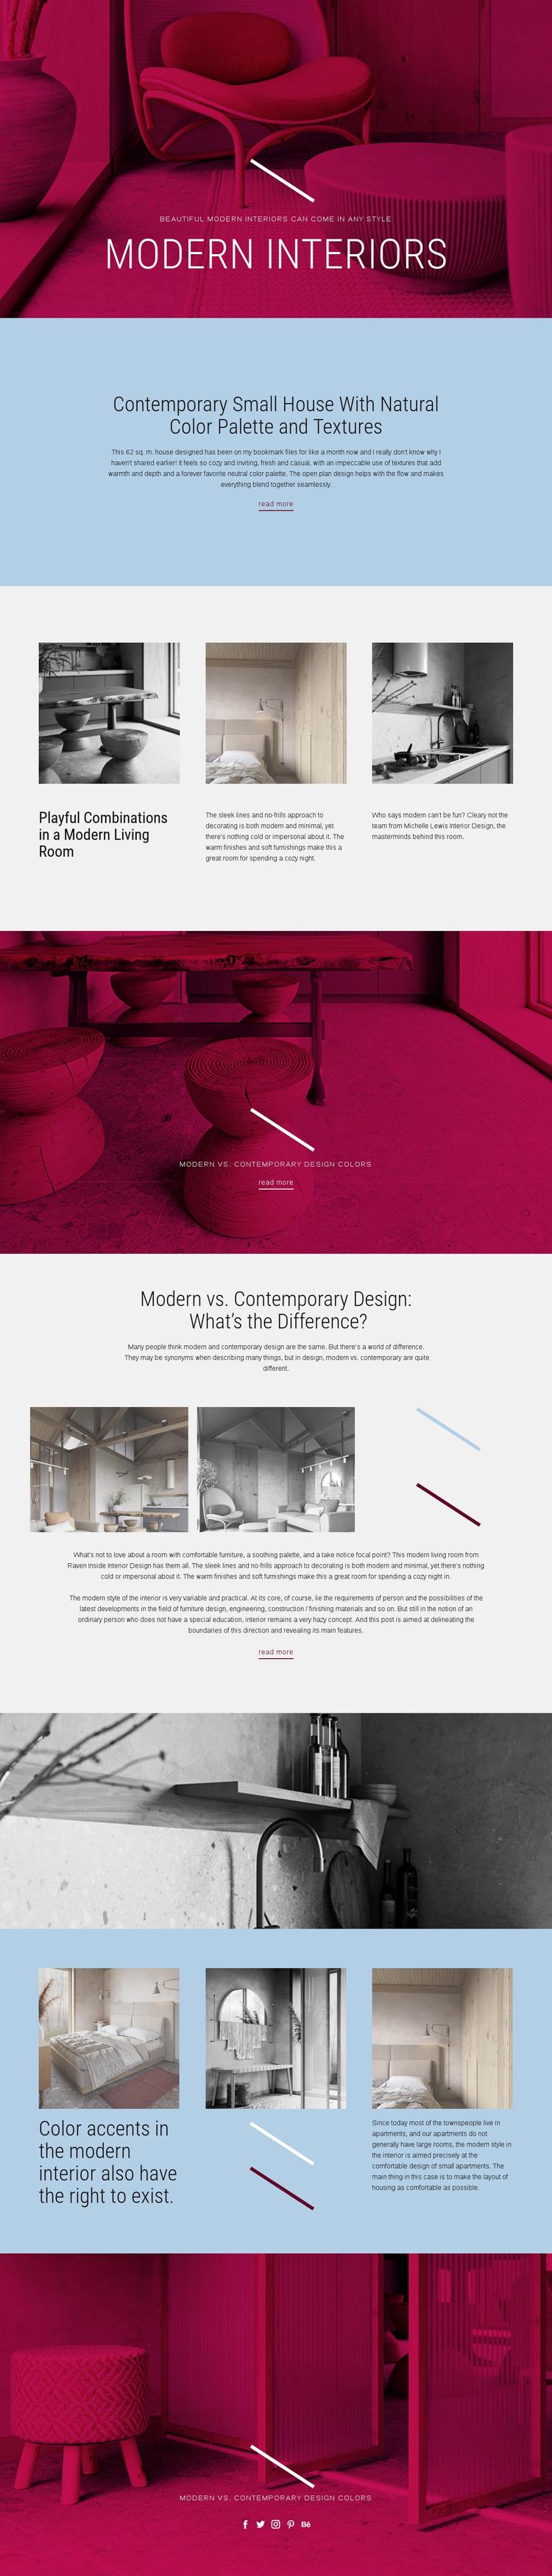 Art Nouveau furniture Website Design